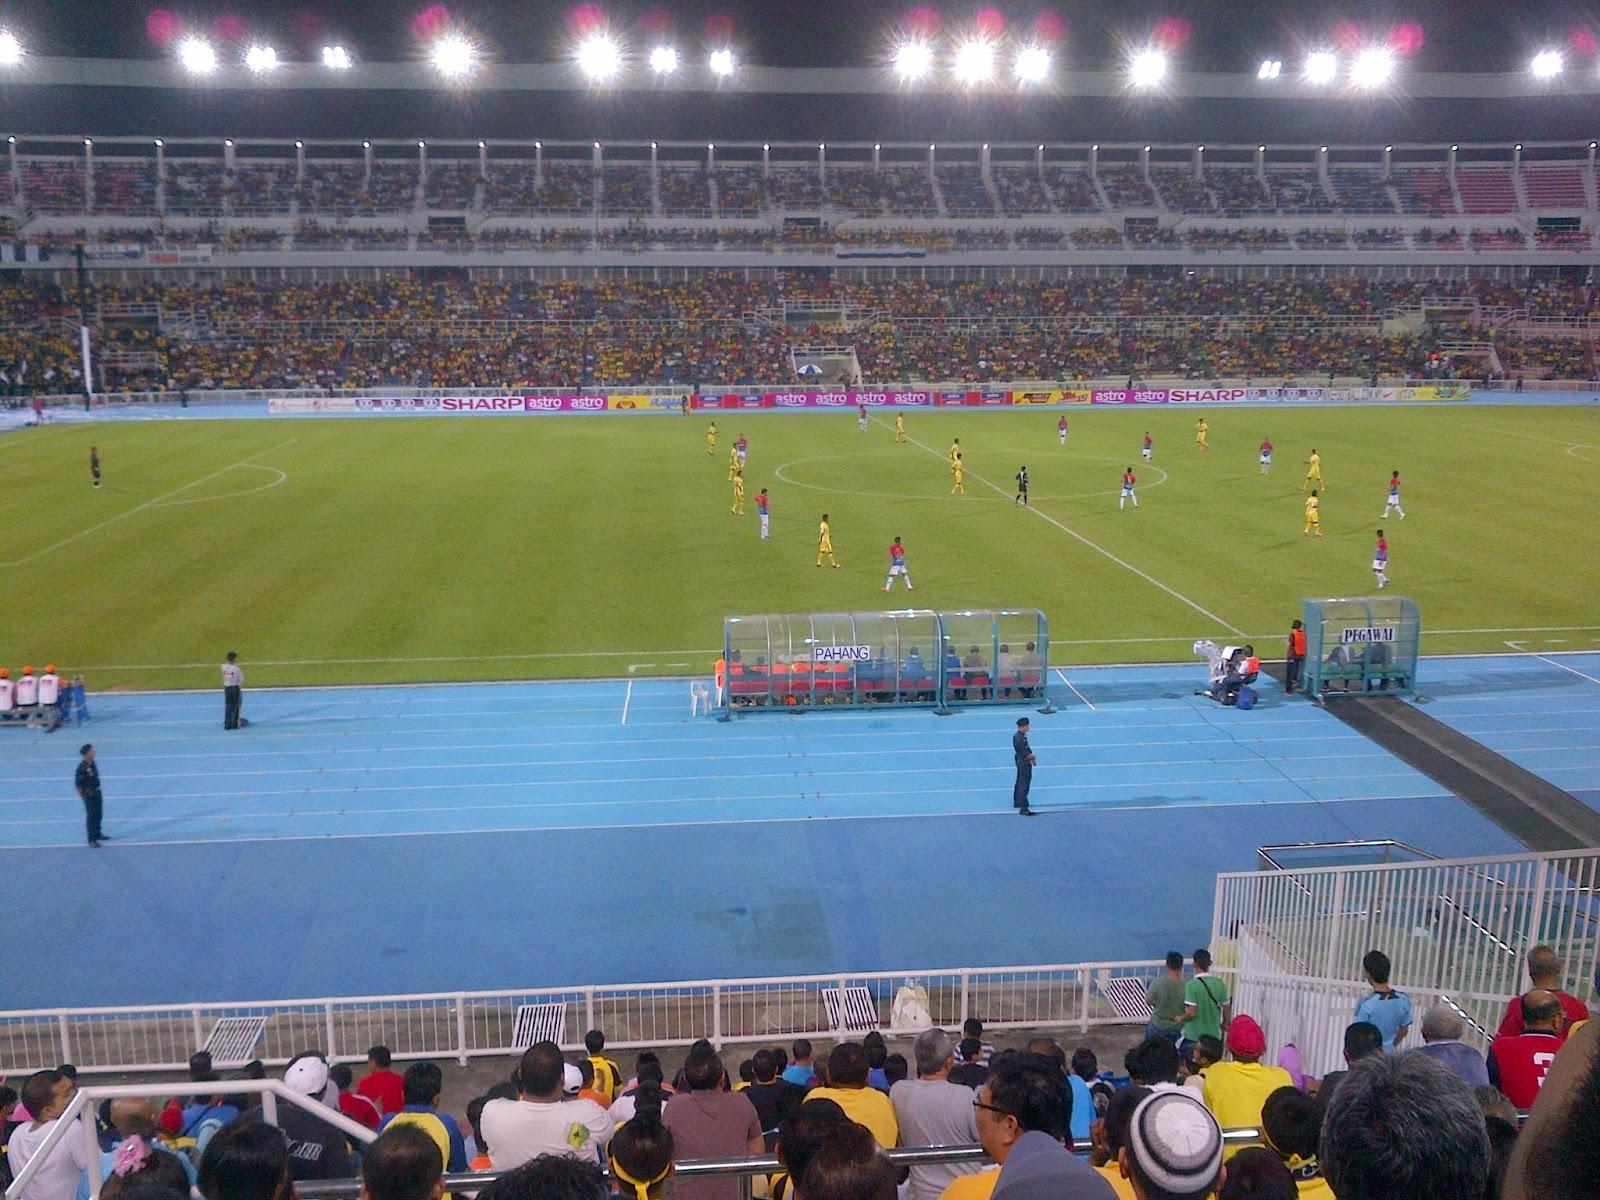 http://2.bp.blogspot.com/-KlEfTfrhNXA/UO57upxeTvI/AAAAAAAADO8/mI9aReuMl20/s1600/Liga+Super+-+Pahang+vs+Johor+Darul+Takzim+FC5.jpg